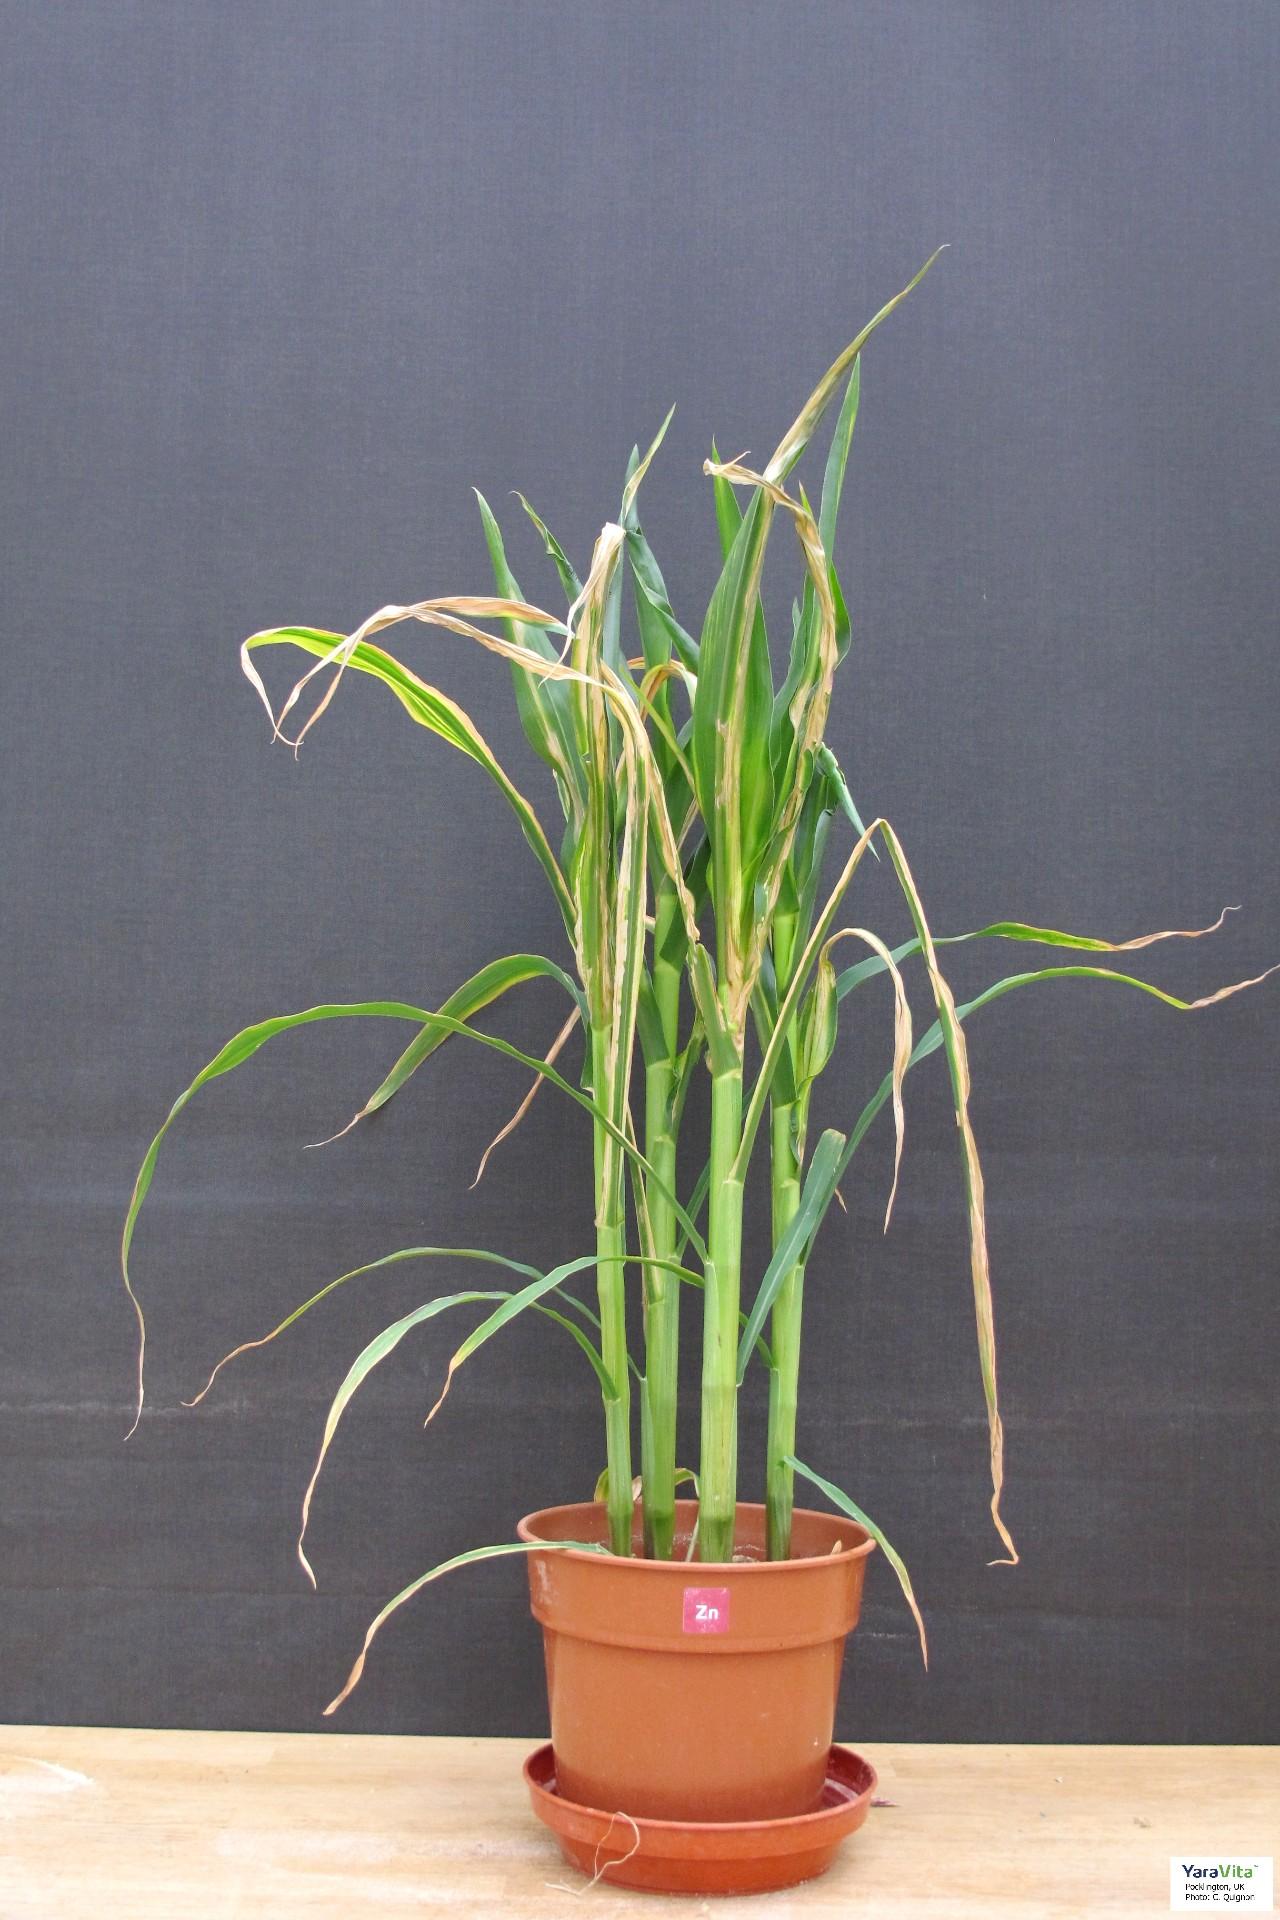 Zinc deficient maize